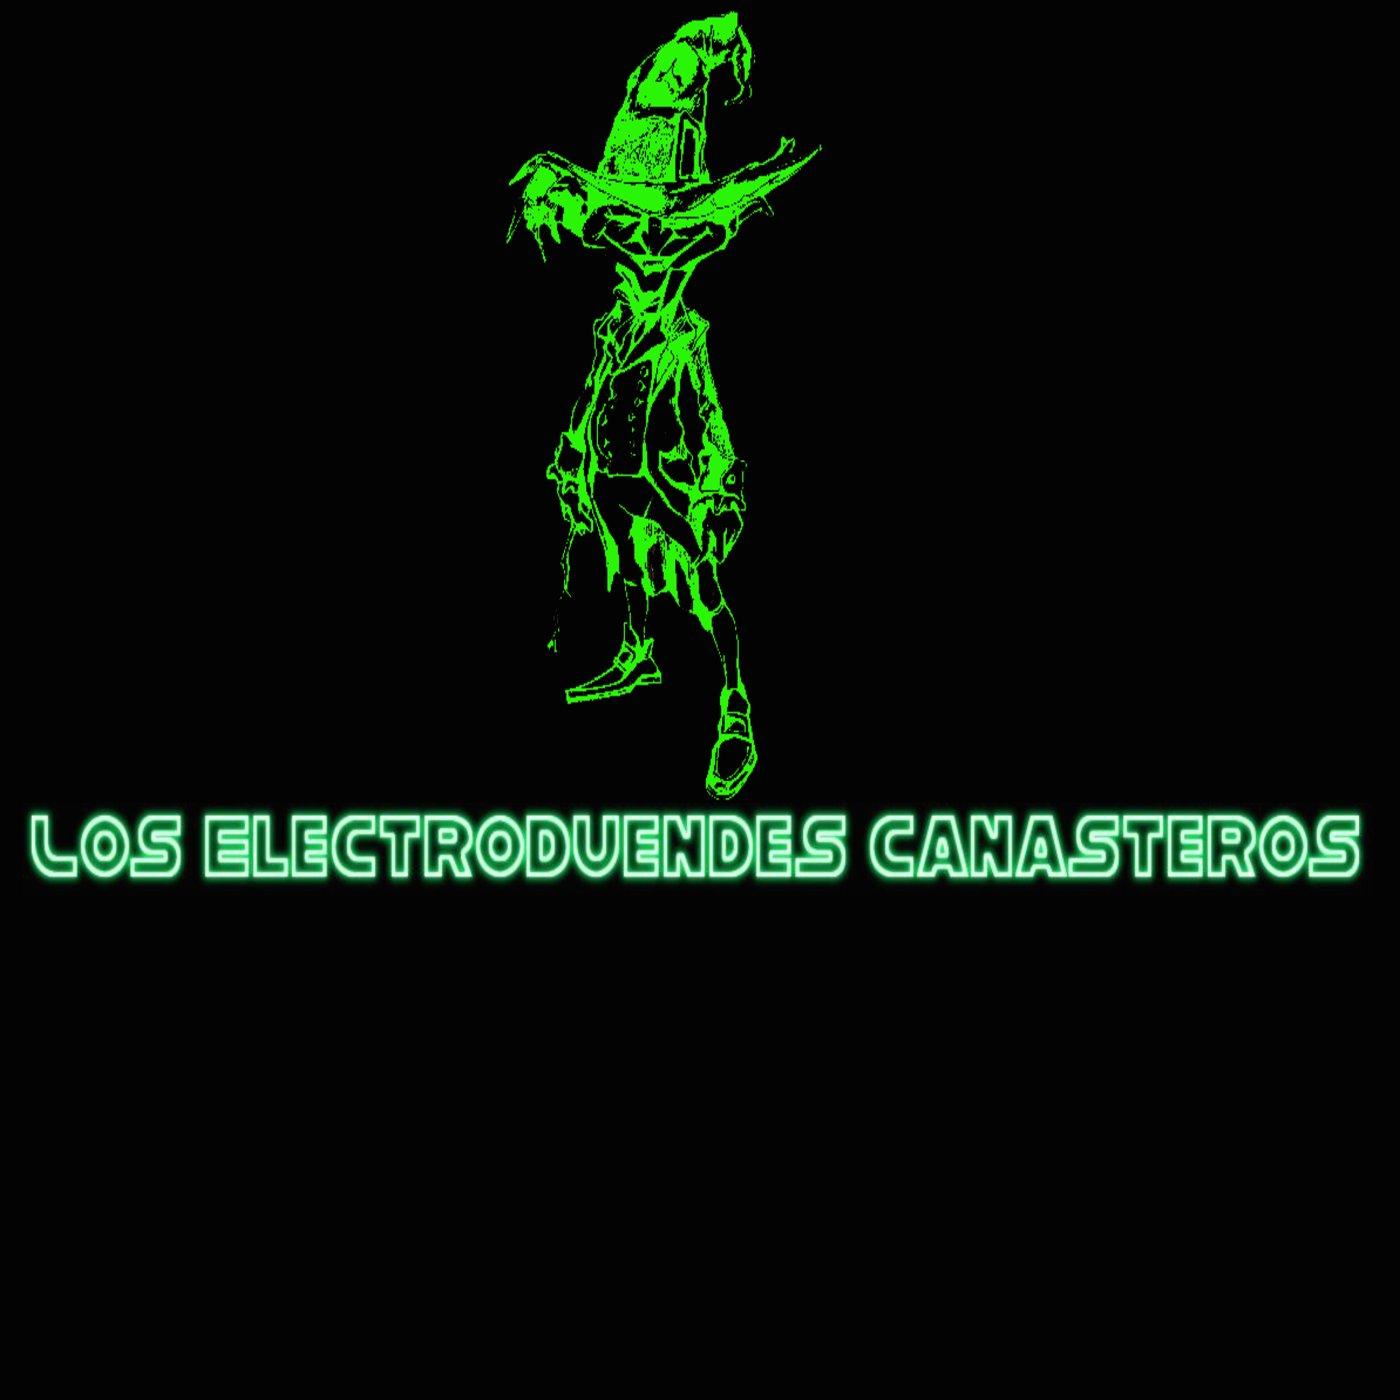 <![CDATA[Podcast de Electroduendes Canasteros Podc]]>